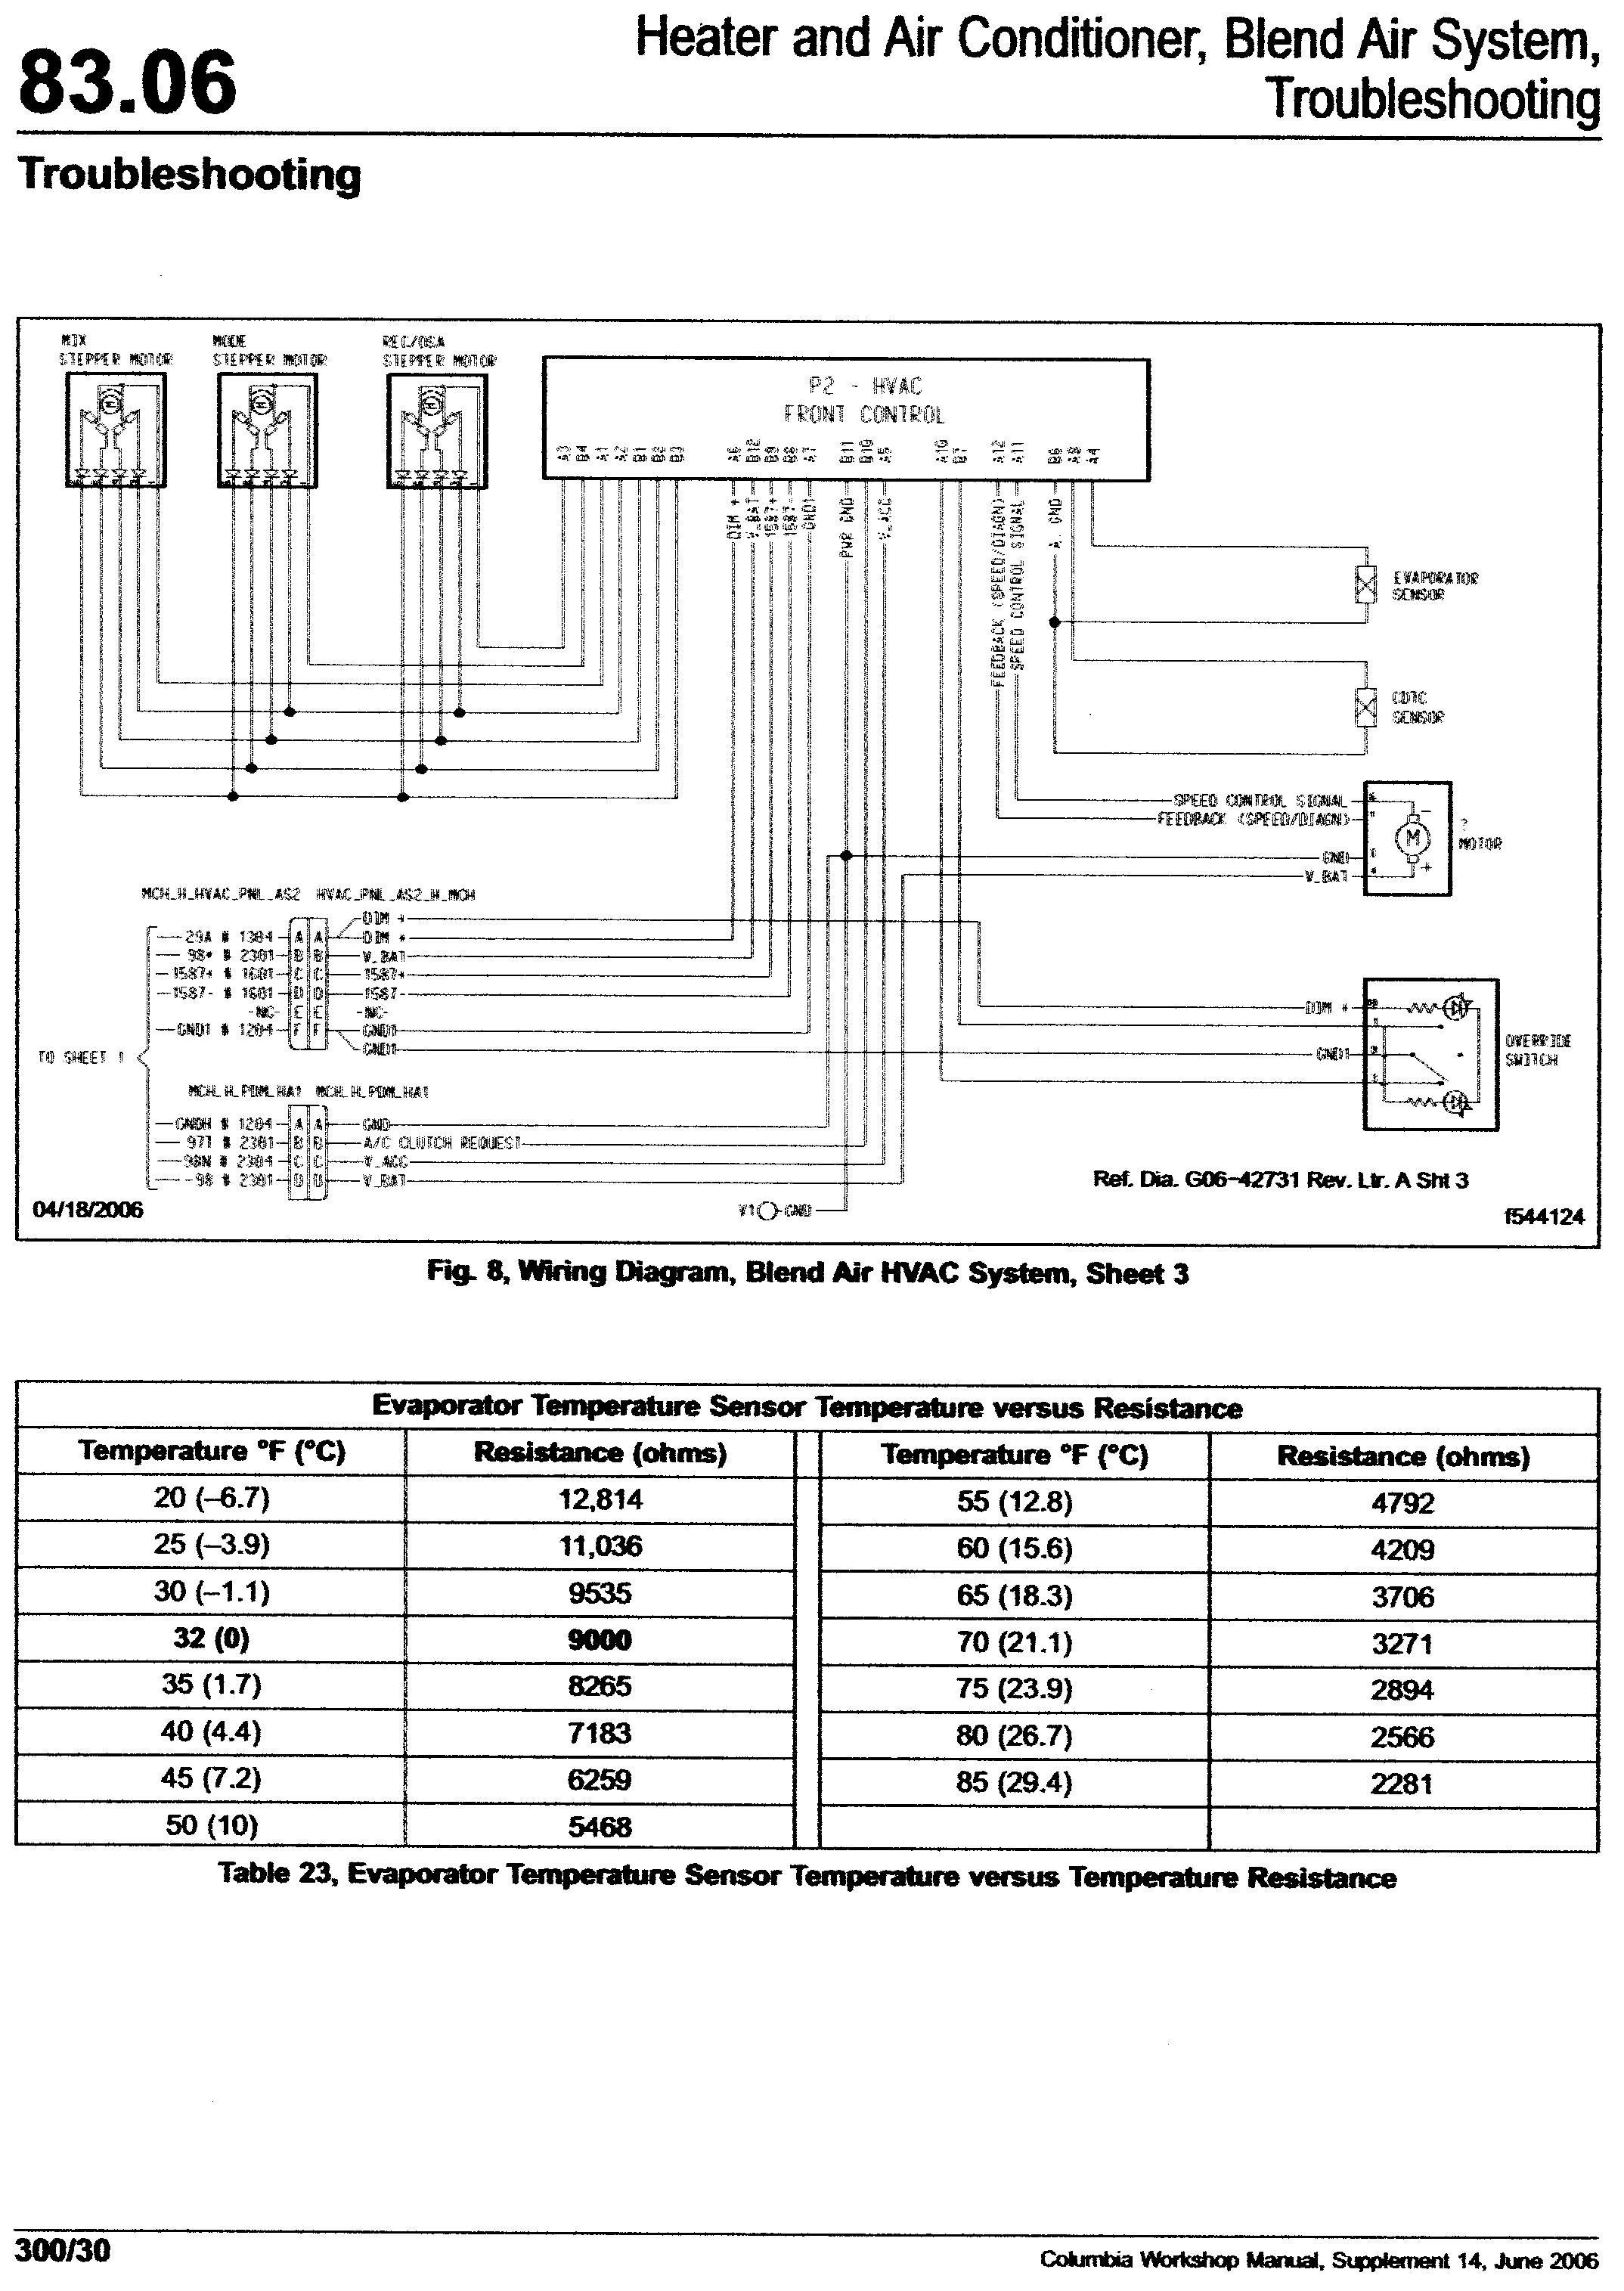 2005 Columbia Wiring Diagram Wiring Diagram Blog Freightliner Turn Signal Wiring Diagram Freightliner Turn Signal Wiring Diagram